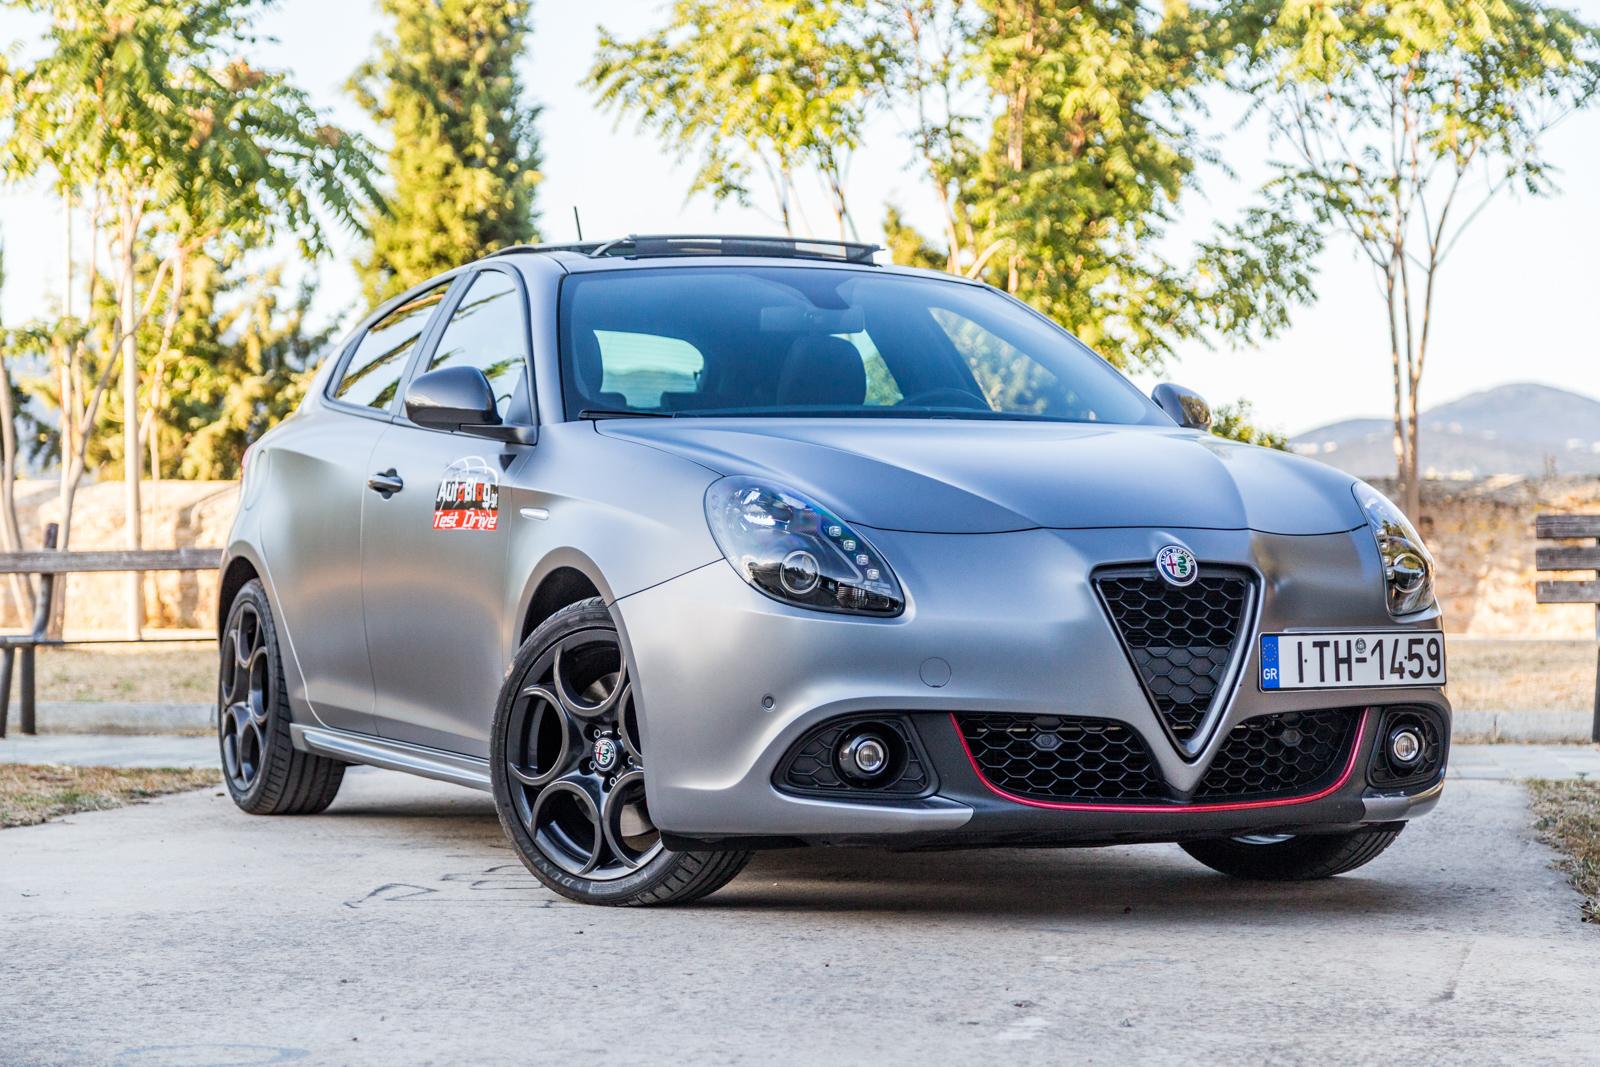 Test_Drive_Alfa_Romeo_Giulietta_TCT_1.6_JTDM-2_22